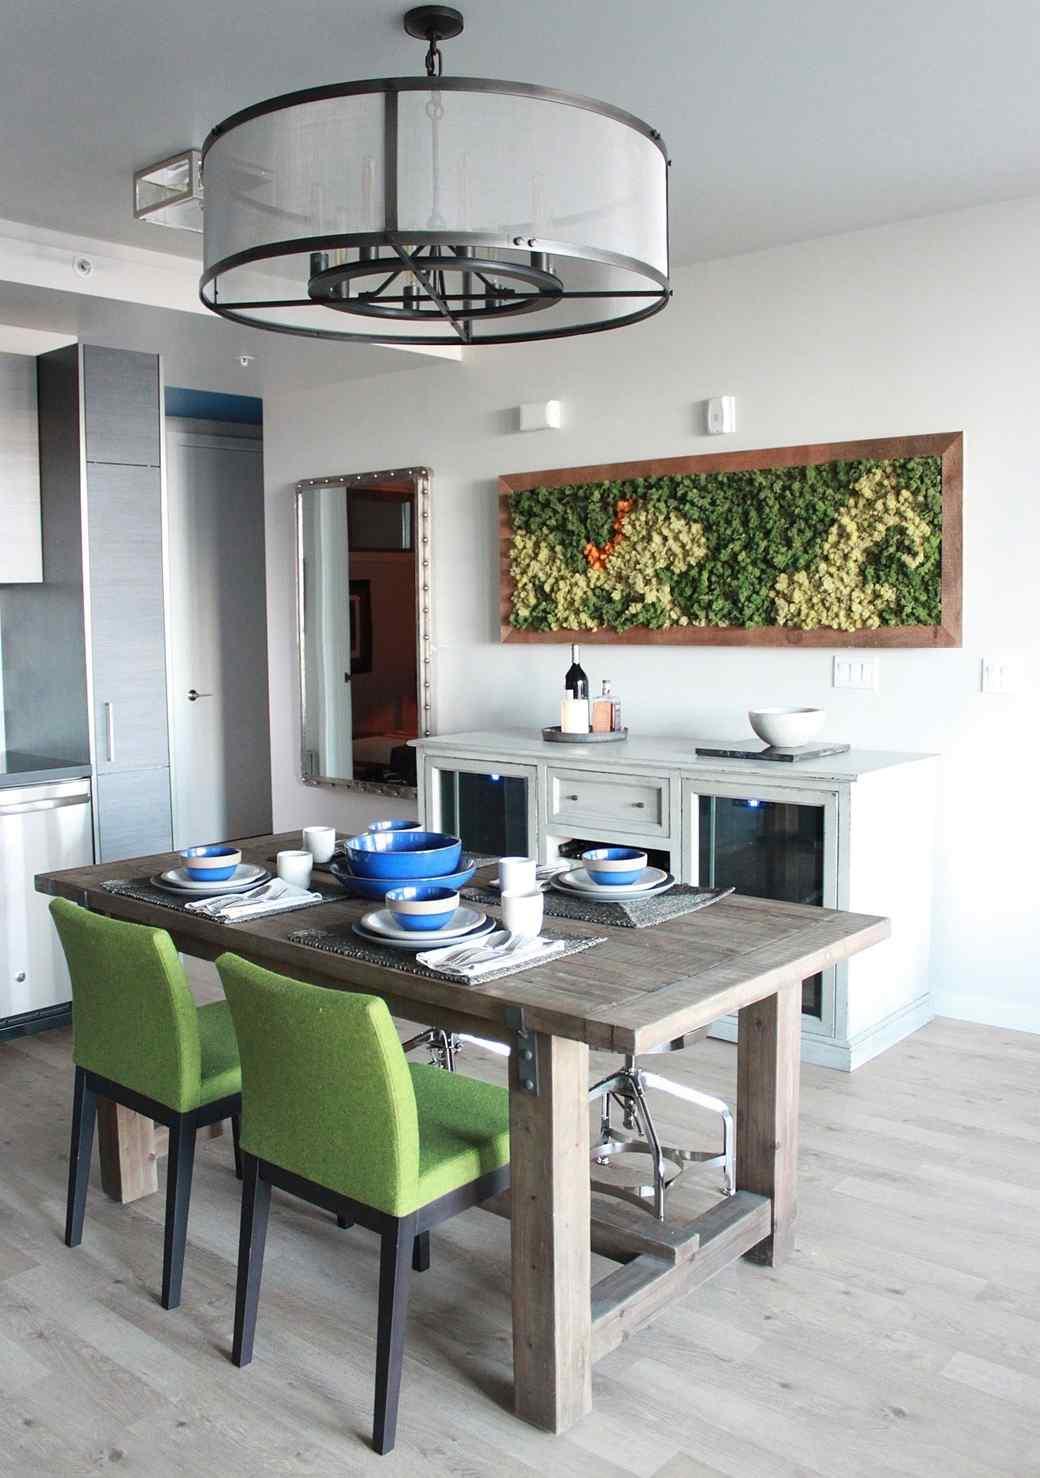 dining-room-green-1016.jpg (skyword:349134)